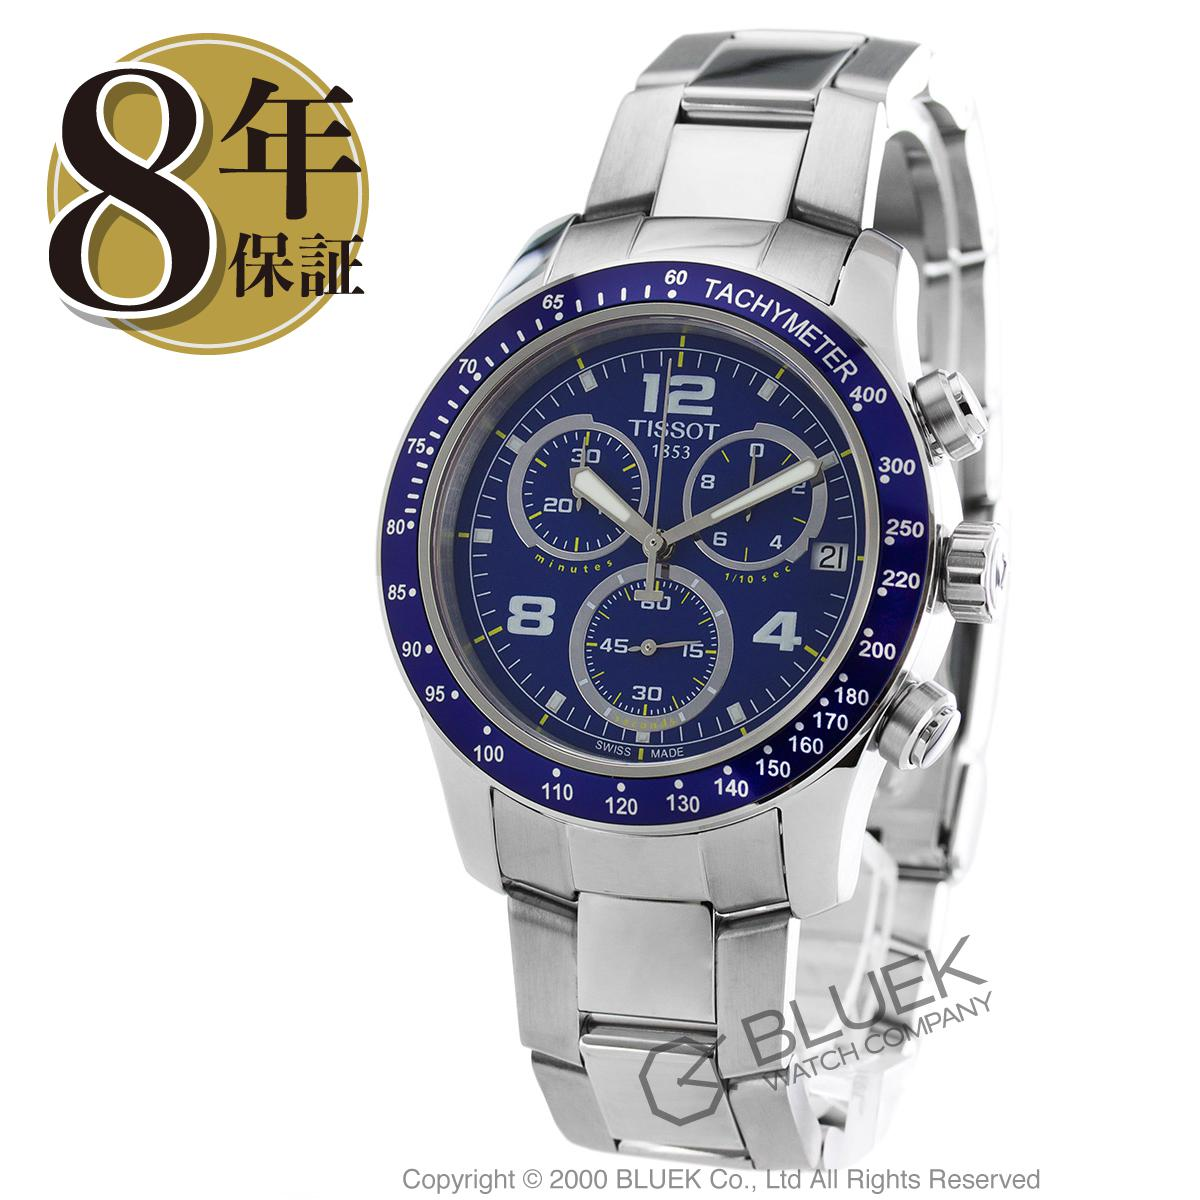 ティソ T-スポーツ V8 クロノグラフ 腕時計 メンズ TISSOT T039.417.11.047.02_8